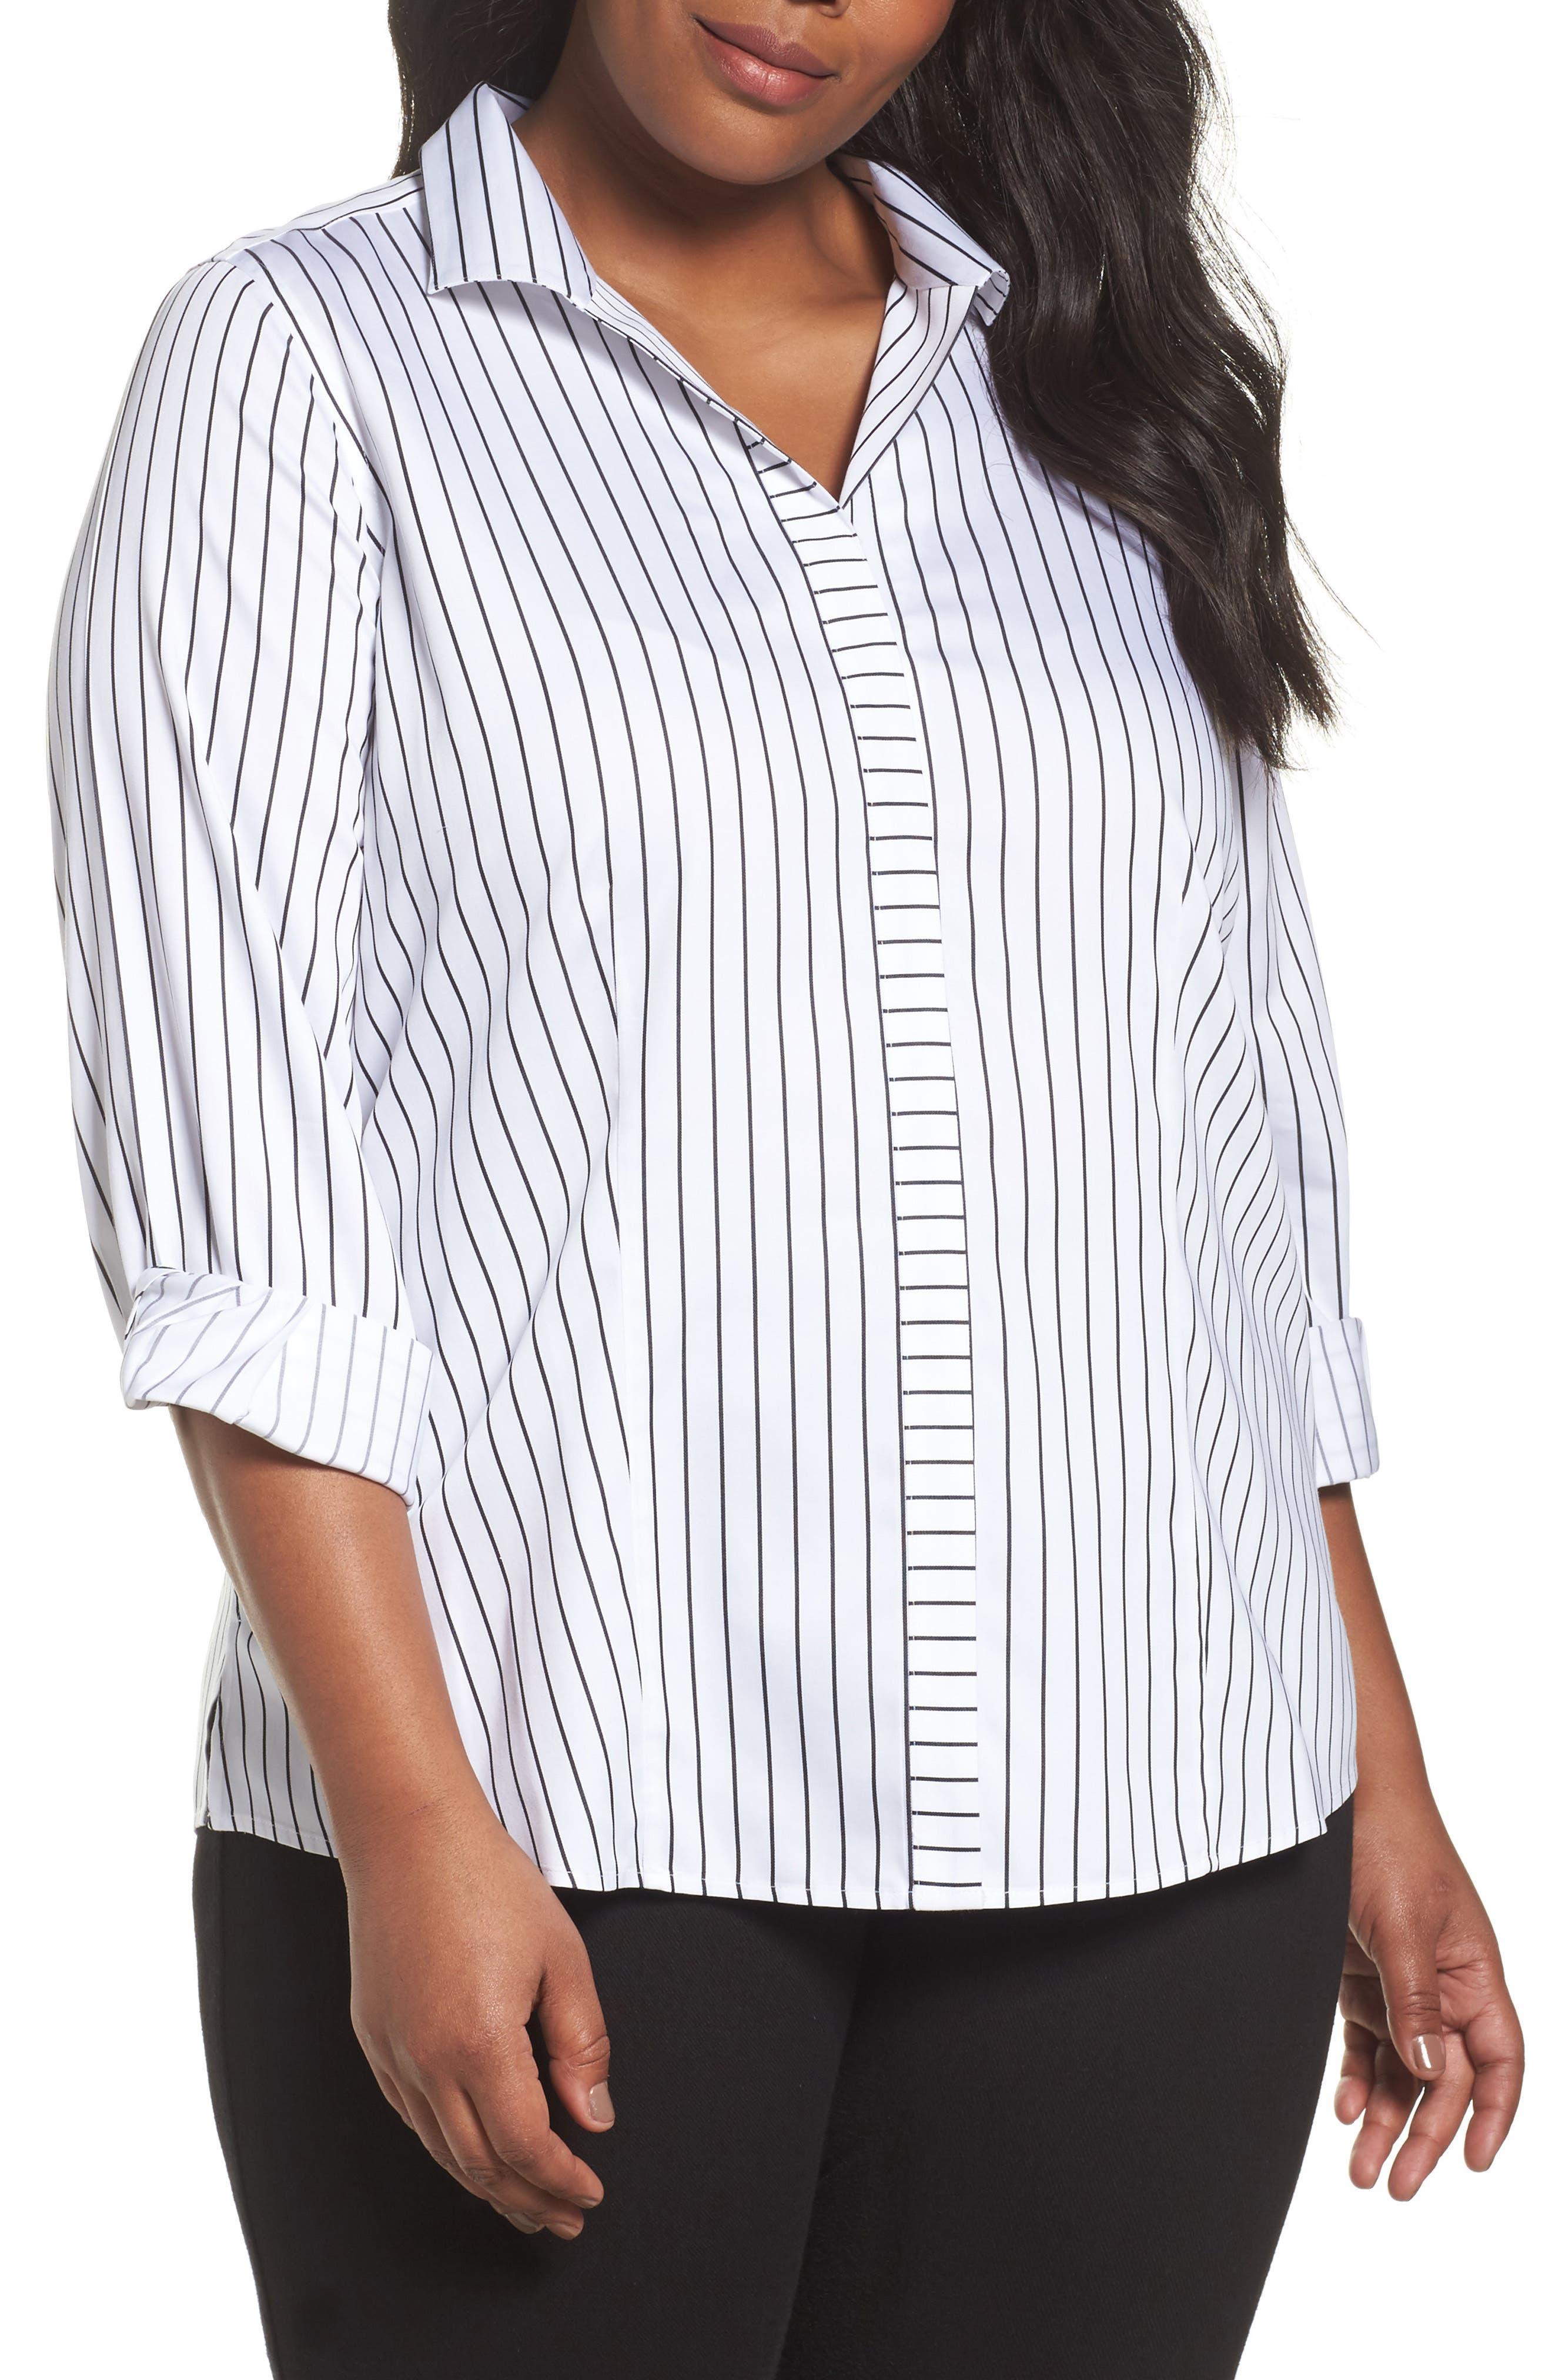 Annie Holiday Stripe Shirt,                             Main thumbnail 1, color,                             White